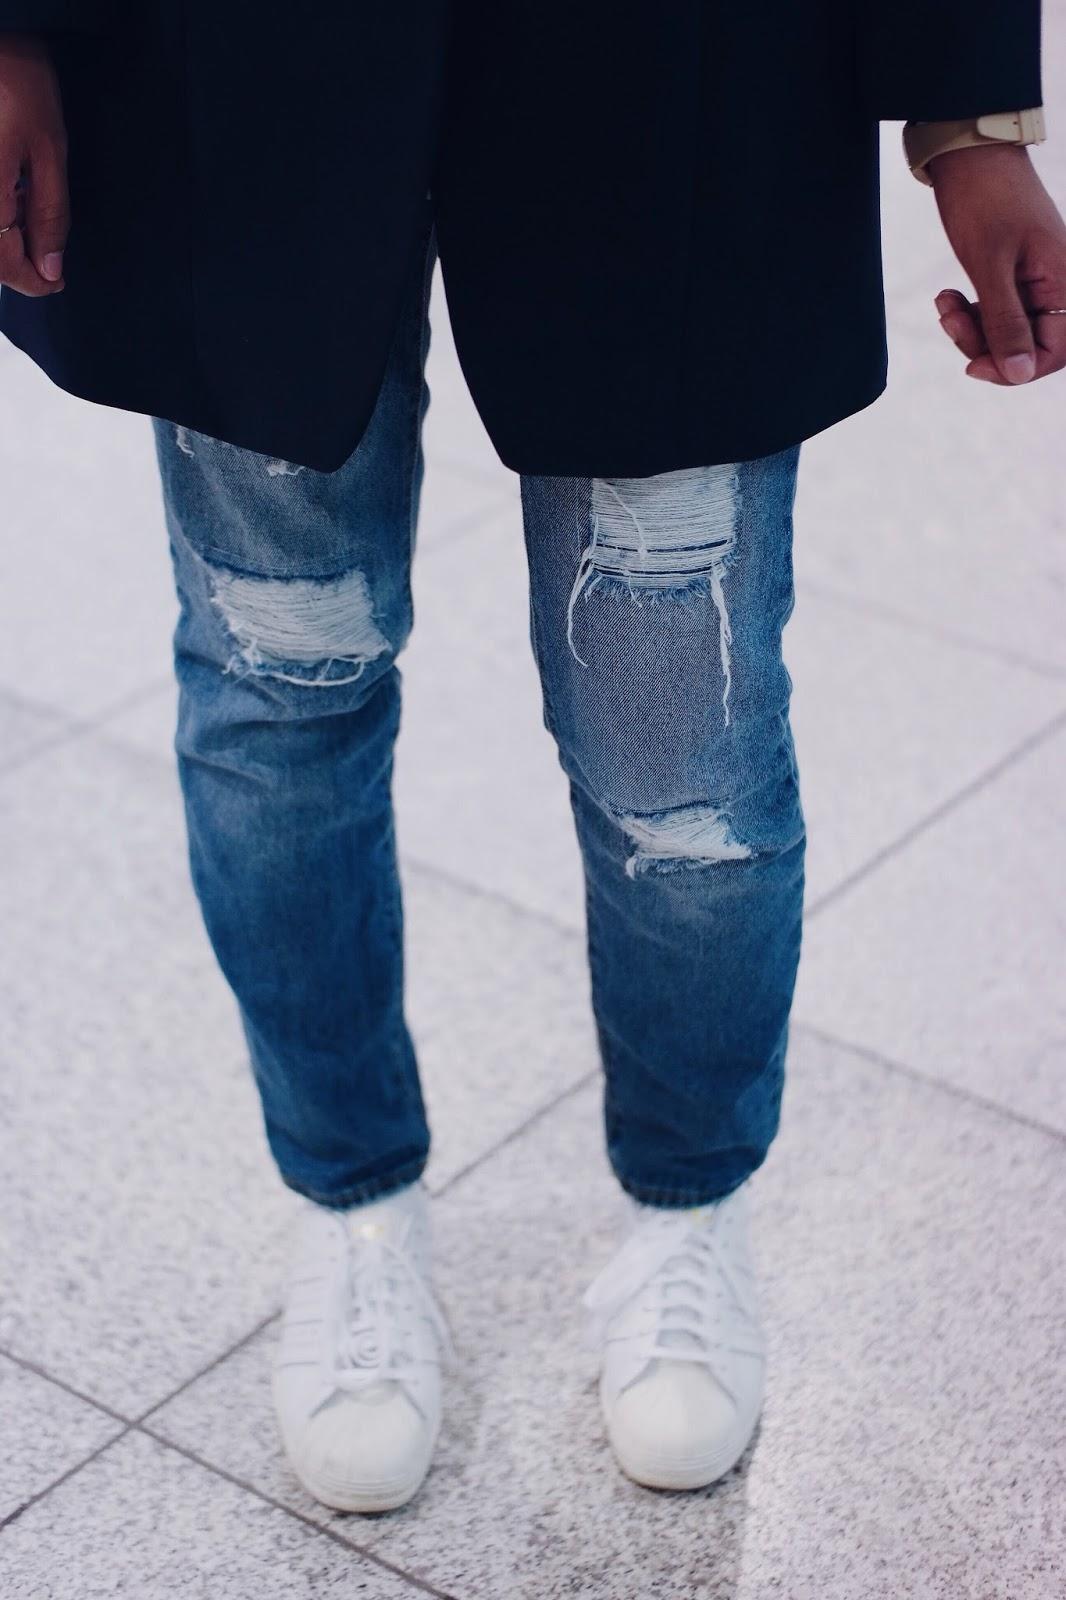 bef4aaaaea3 Long Blazer + Ripped Jeans